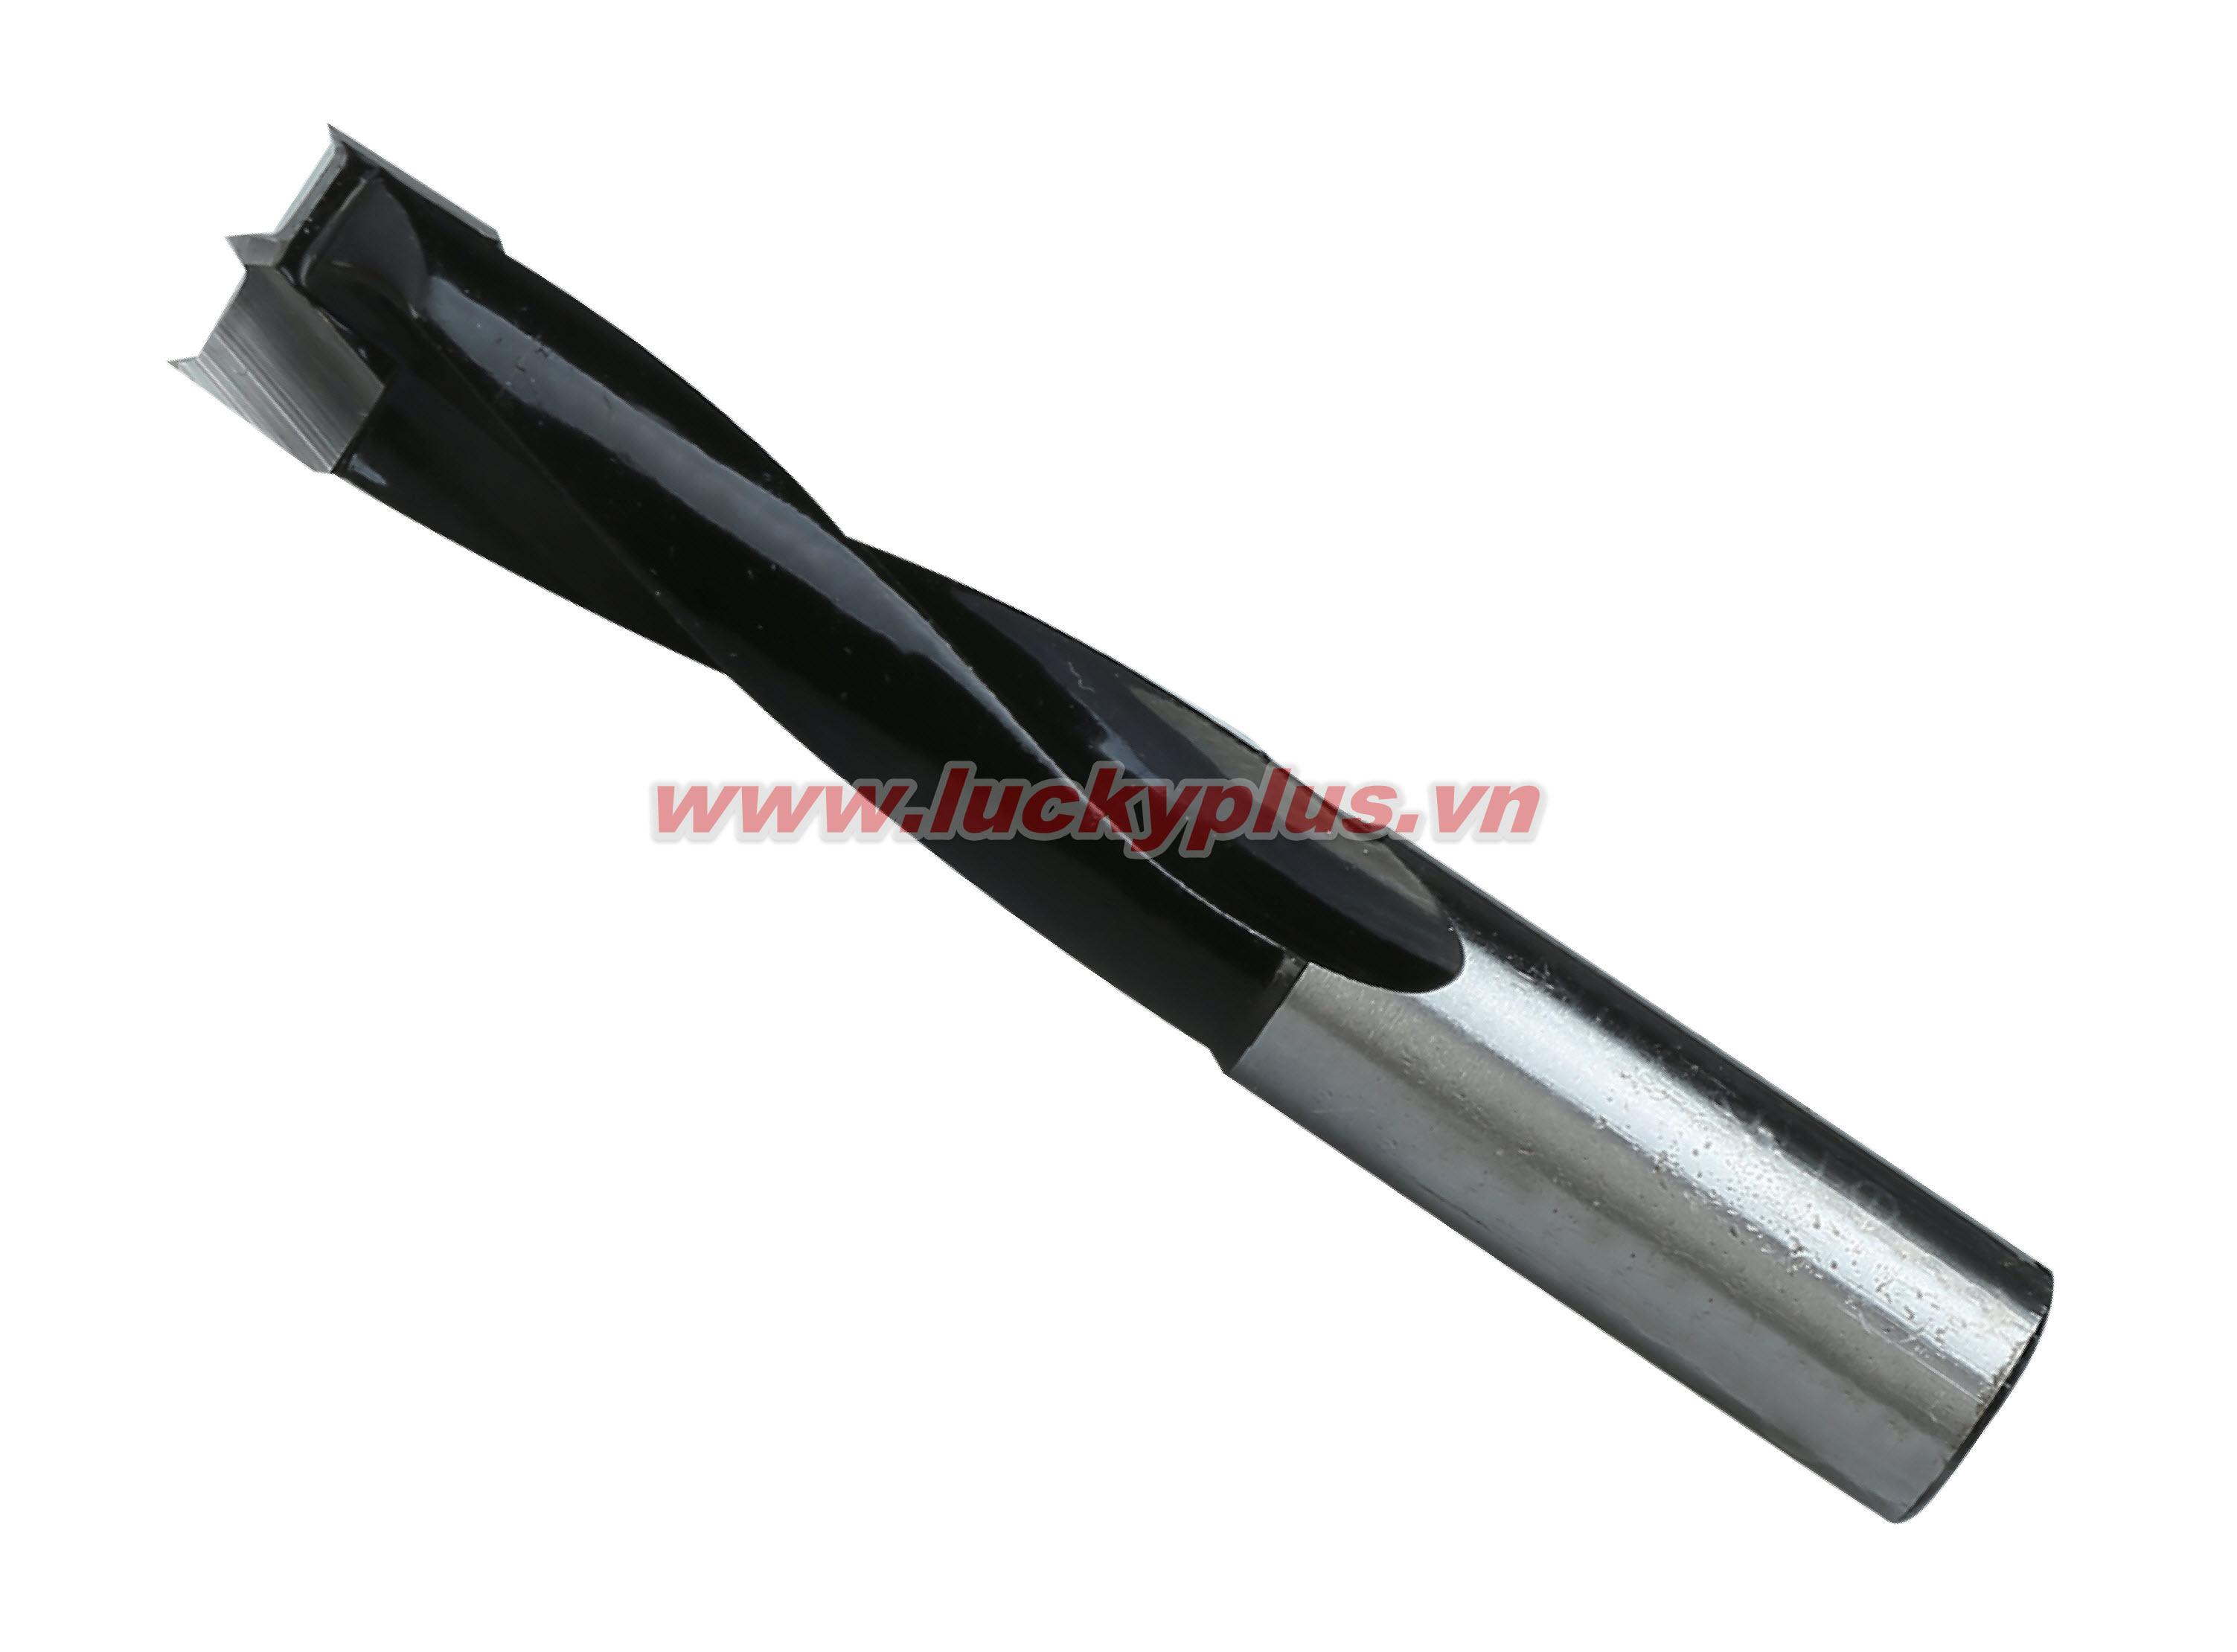 Mũi khoan hợp kim FiveSheep FS-89505 5mm, FS-89506 6mm, FS-89507 7mm, FS-89508 8mm…